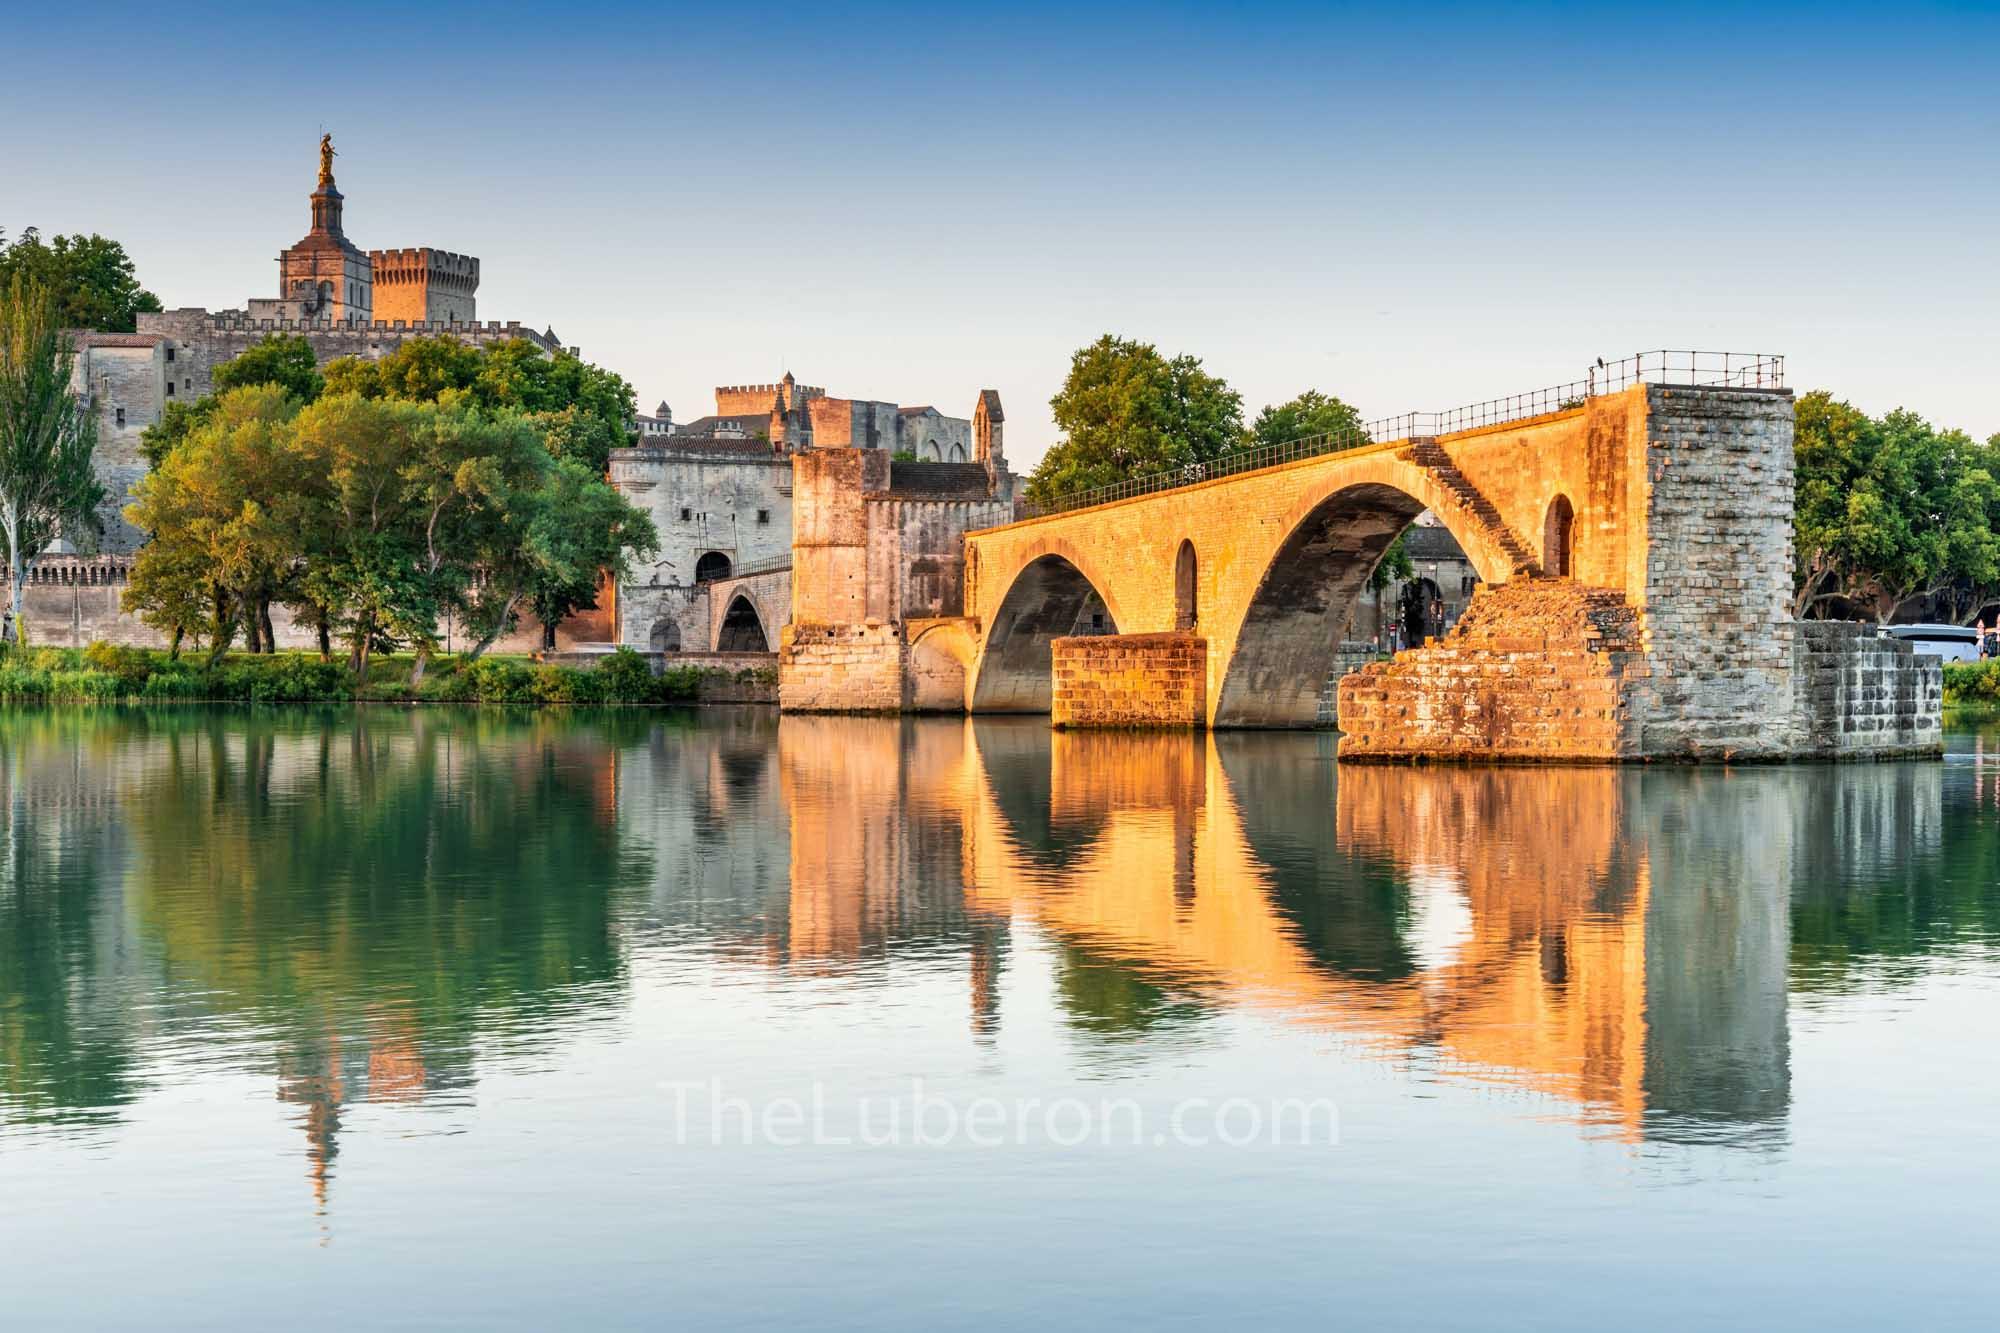 The old bridge in Avignon